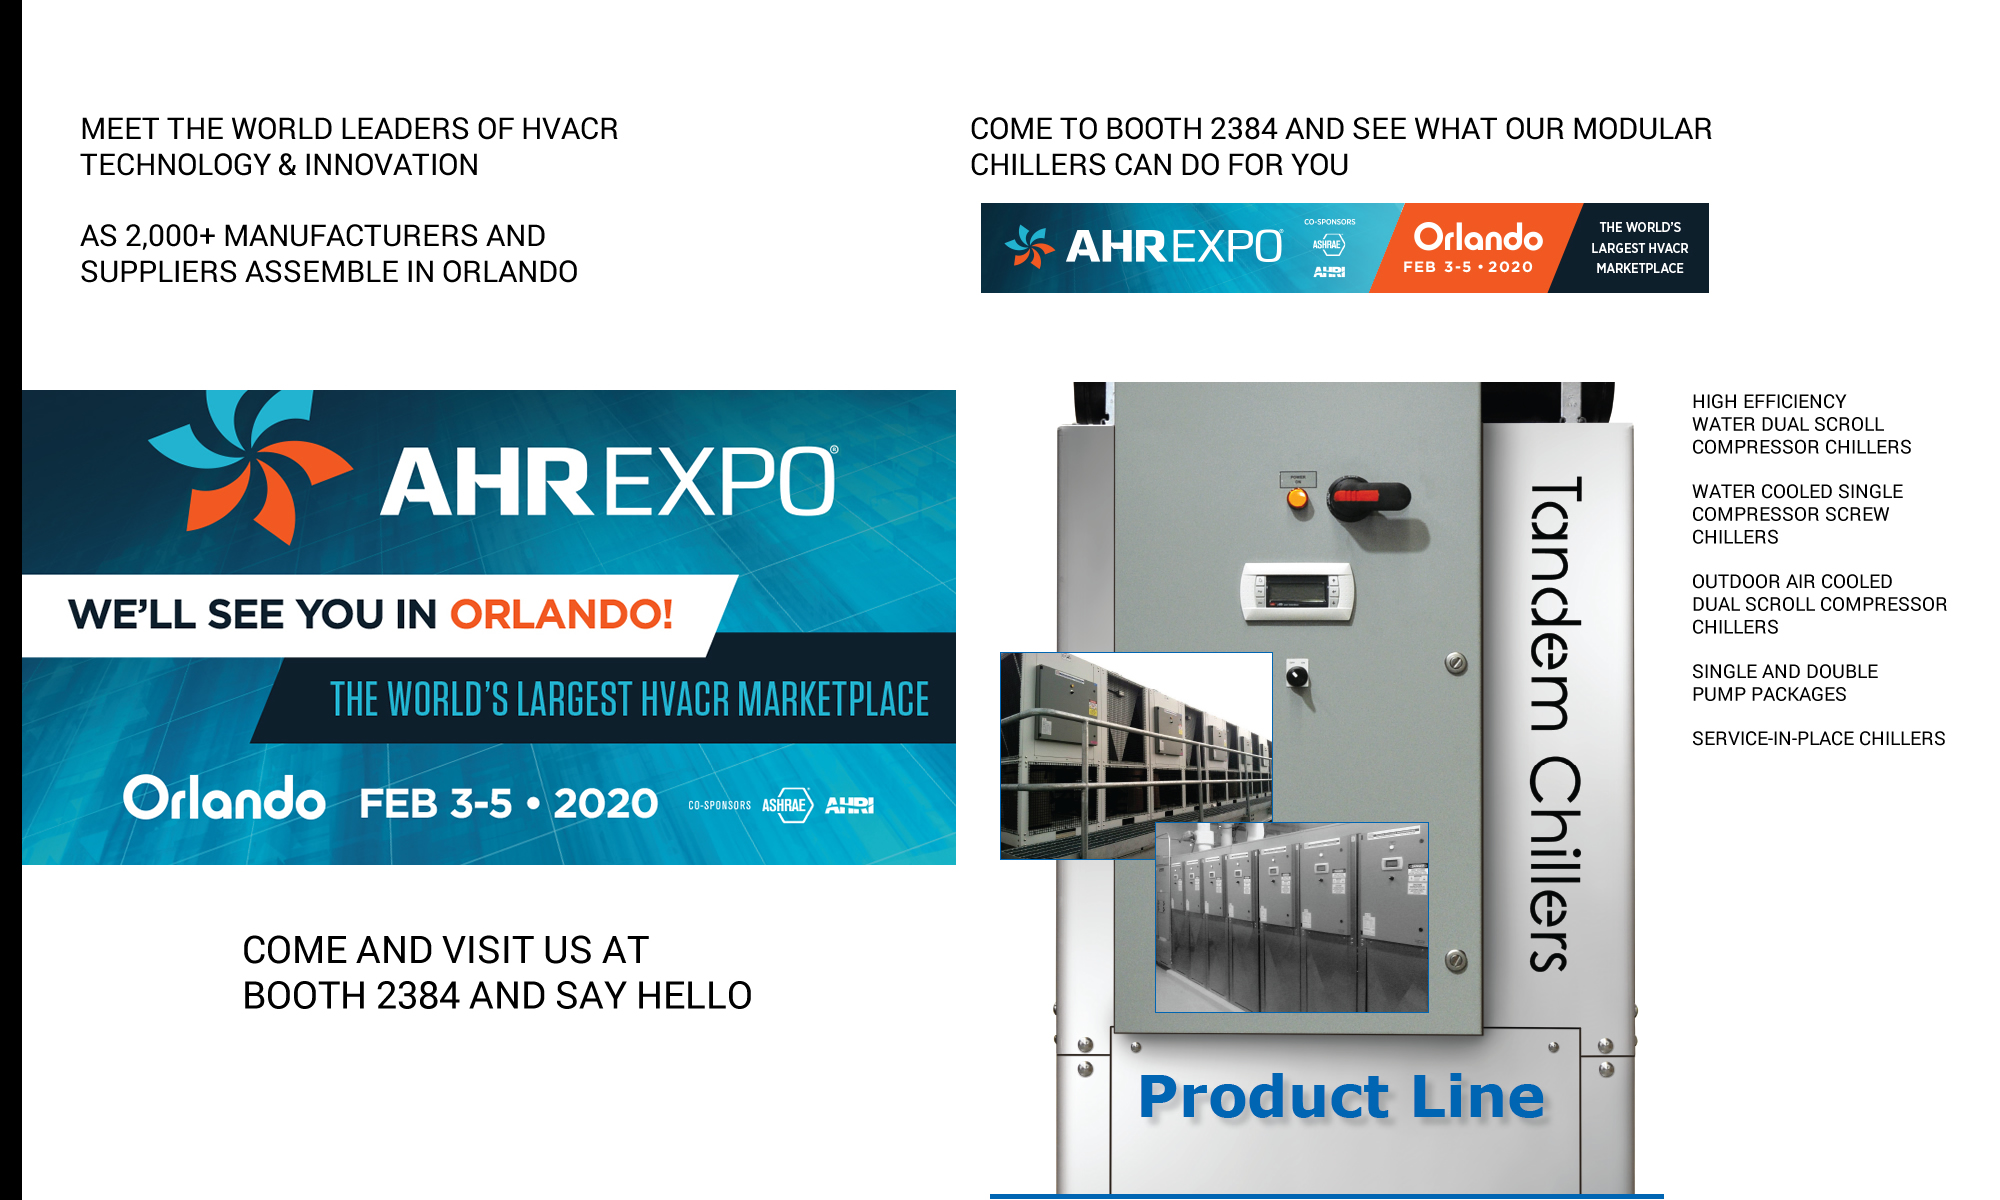 AHR Expo 2020